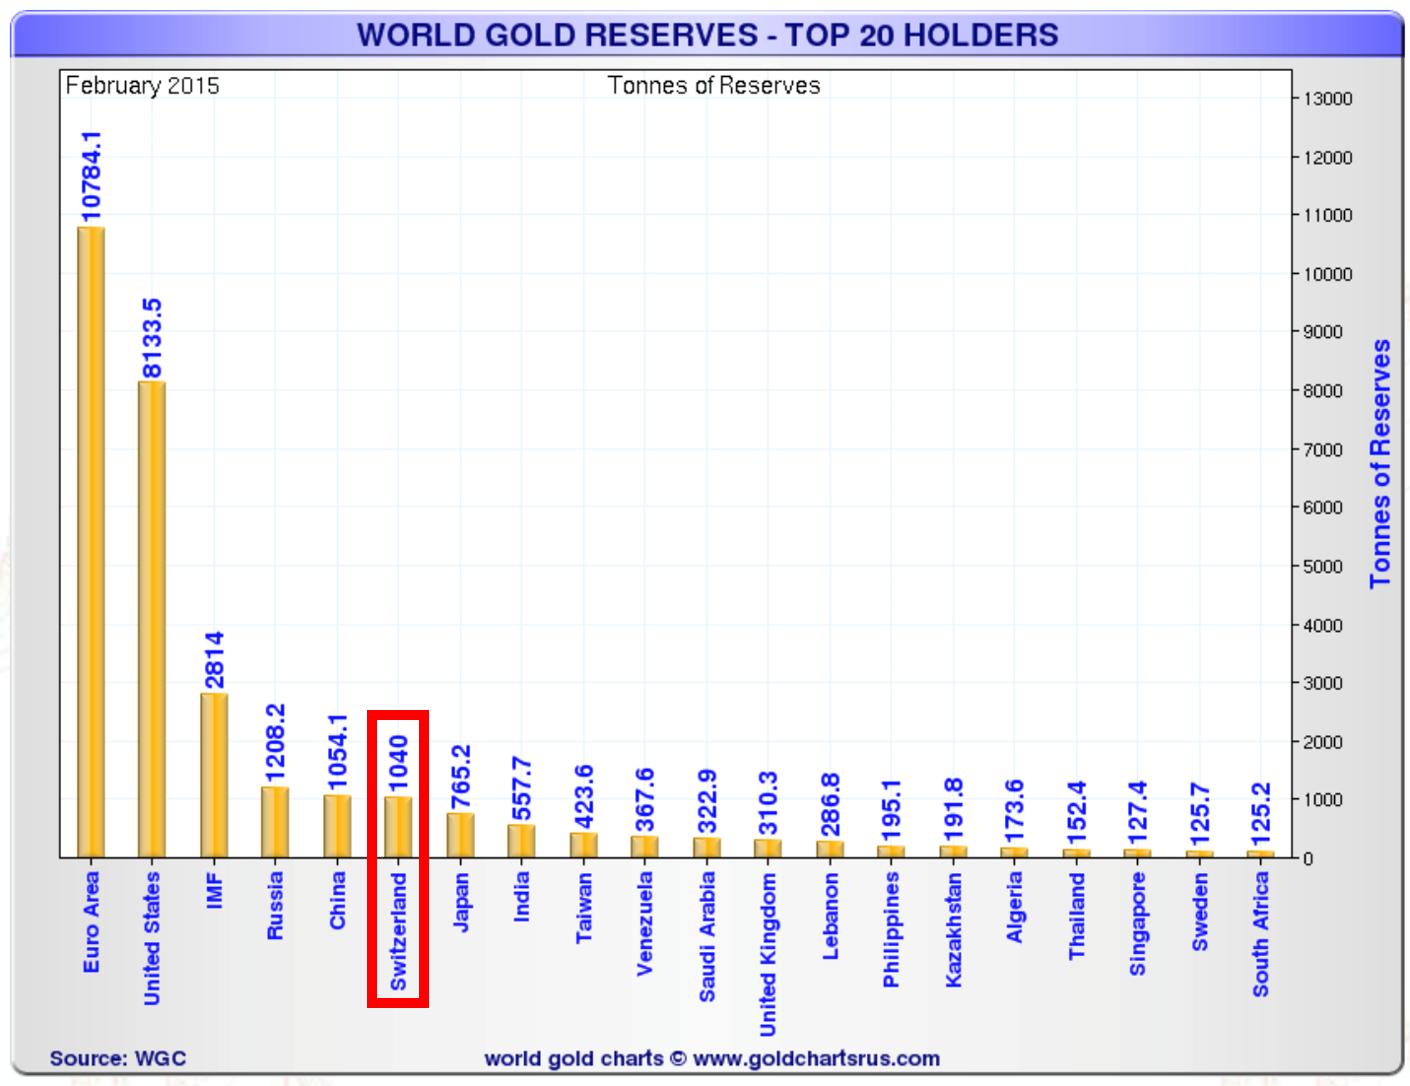 Réserves mondiales d'or – les 20 plus grands détenteurs (en tonnes)